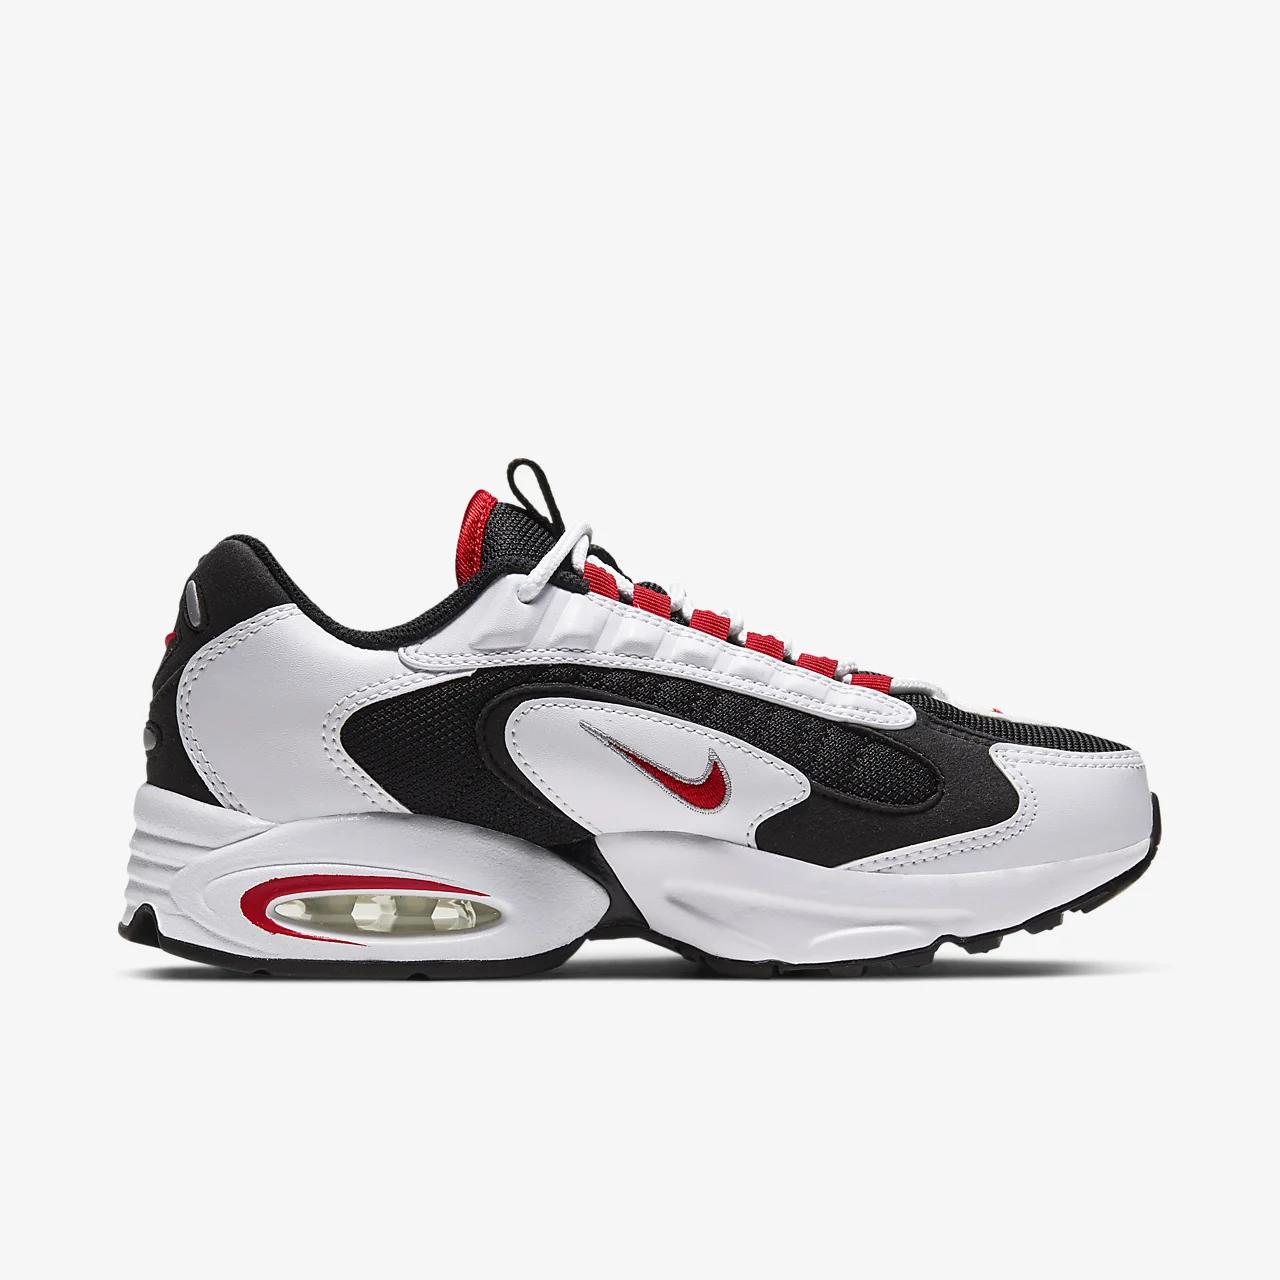 유럽직배송 나이키 NIKE Nike Air Max Triax 96 Women's Shoe CQ4250-100